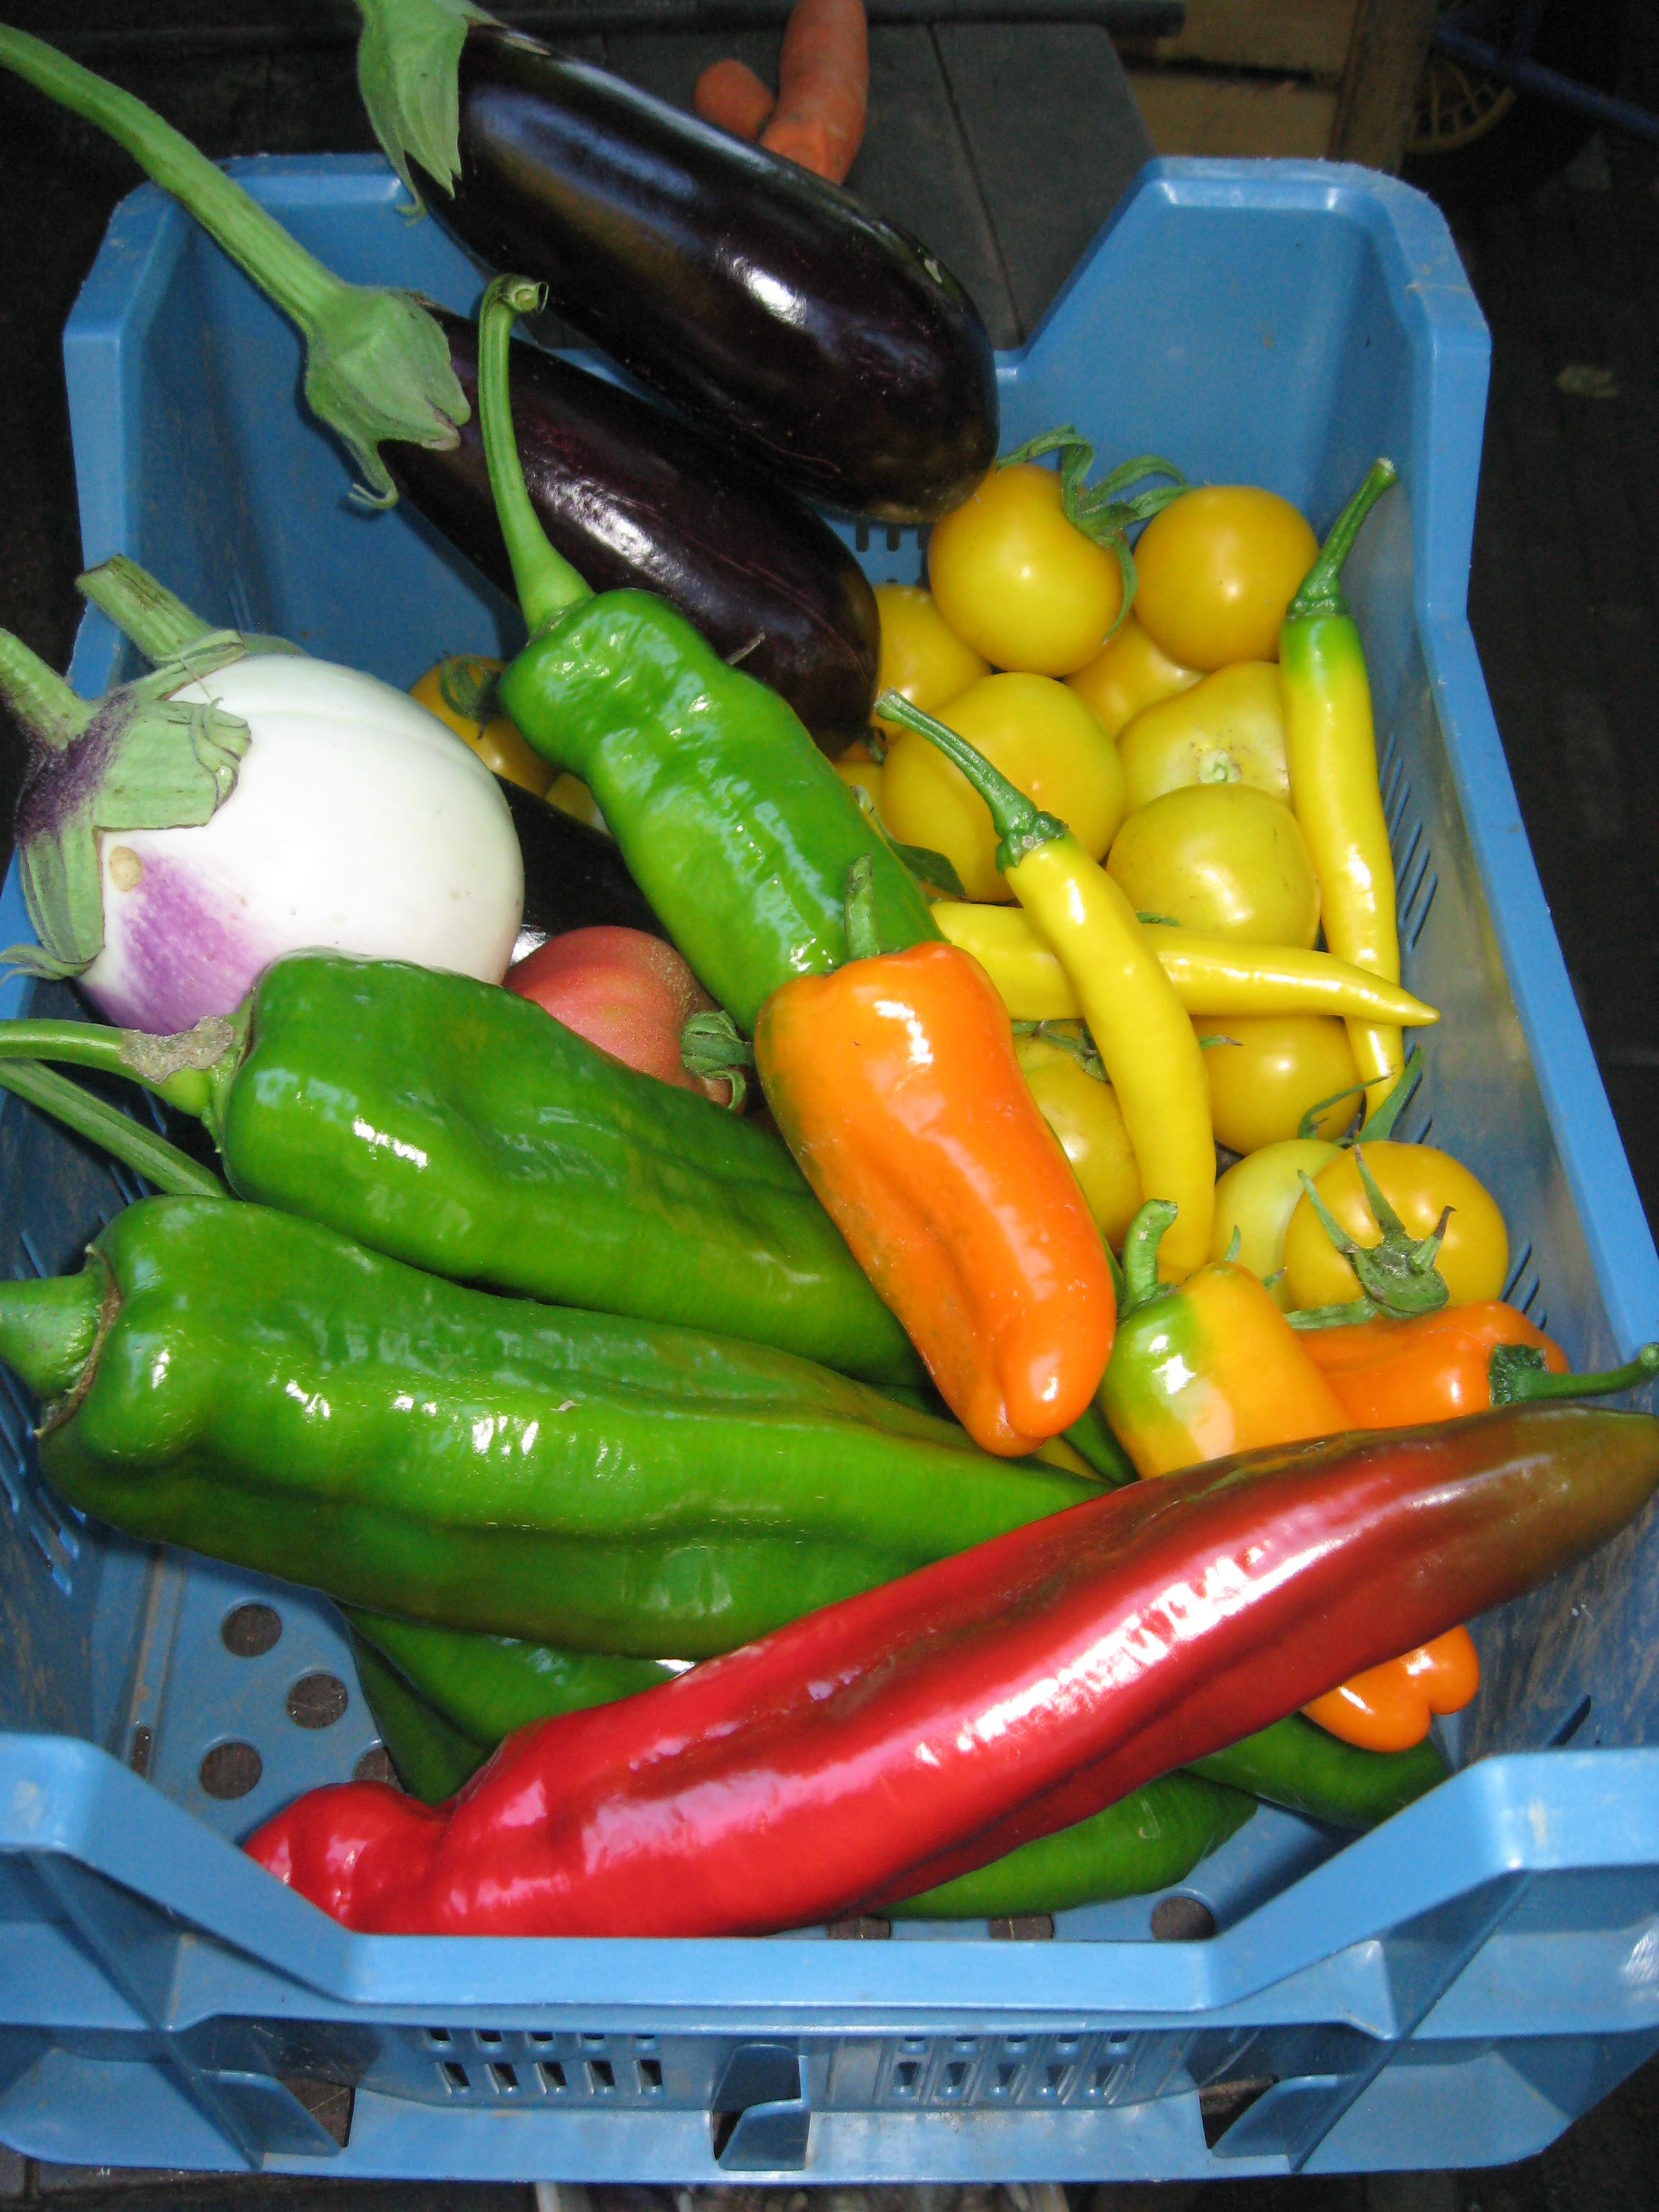 Biologische groente in krat